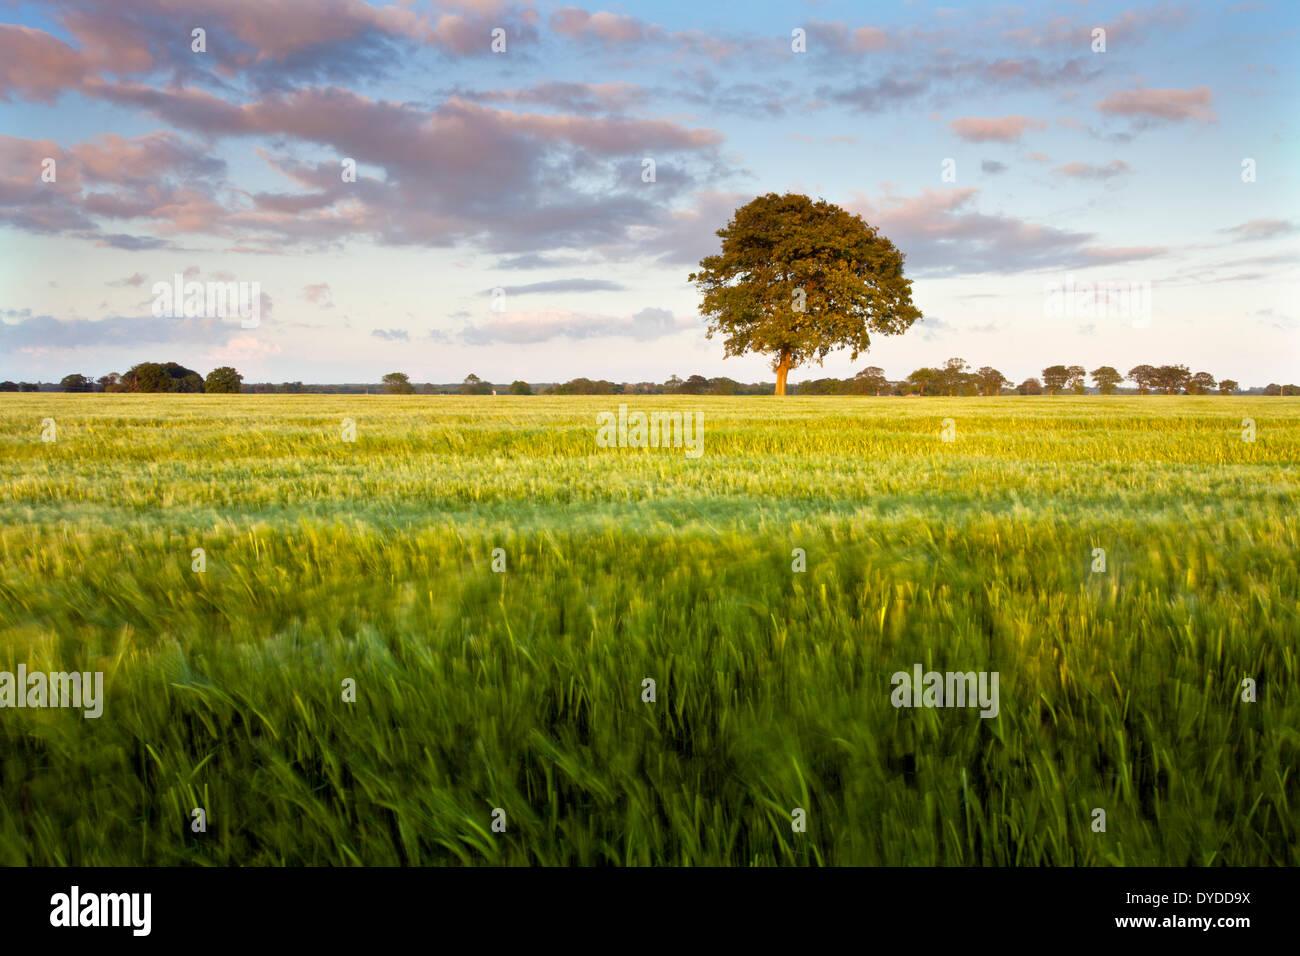 Un champ d'orge dans le Norfolk, à proximité du village de Potter Heigham. Photo Stock